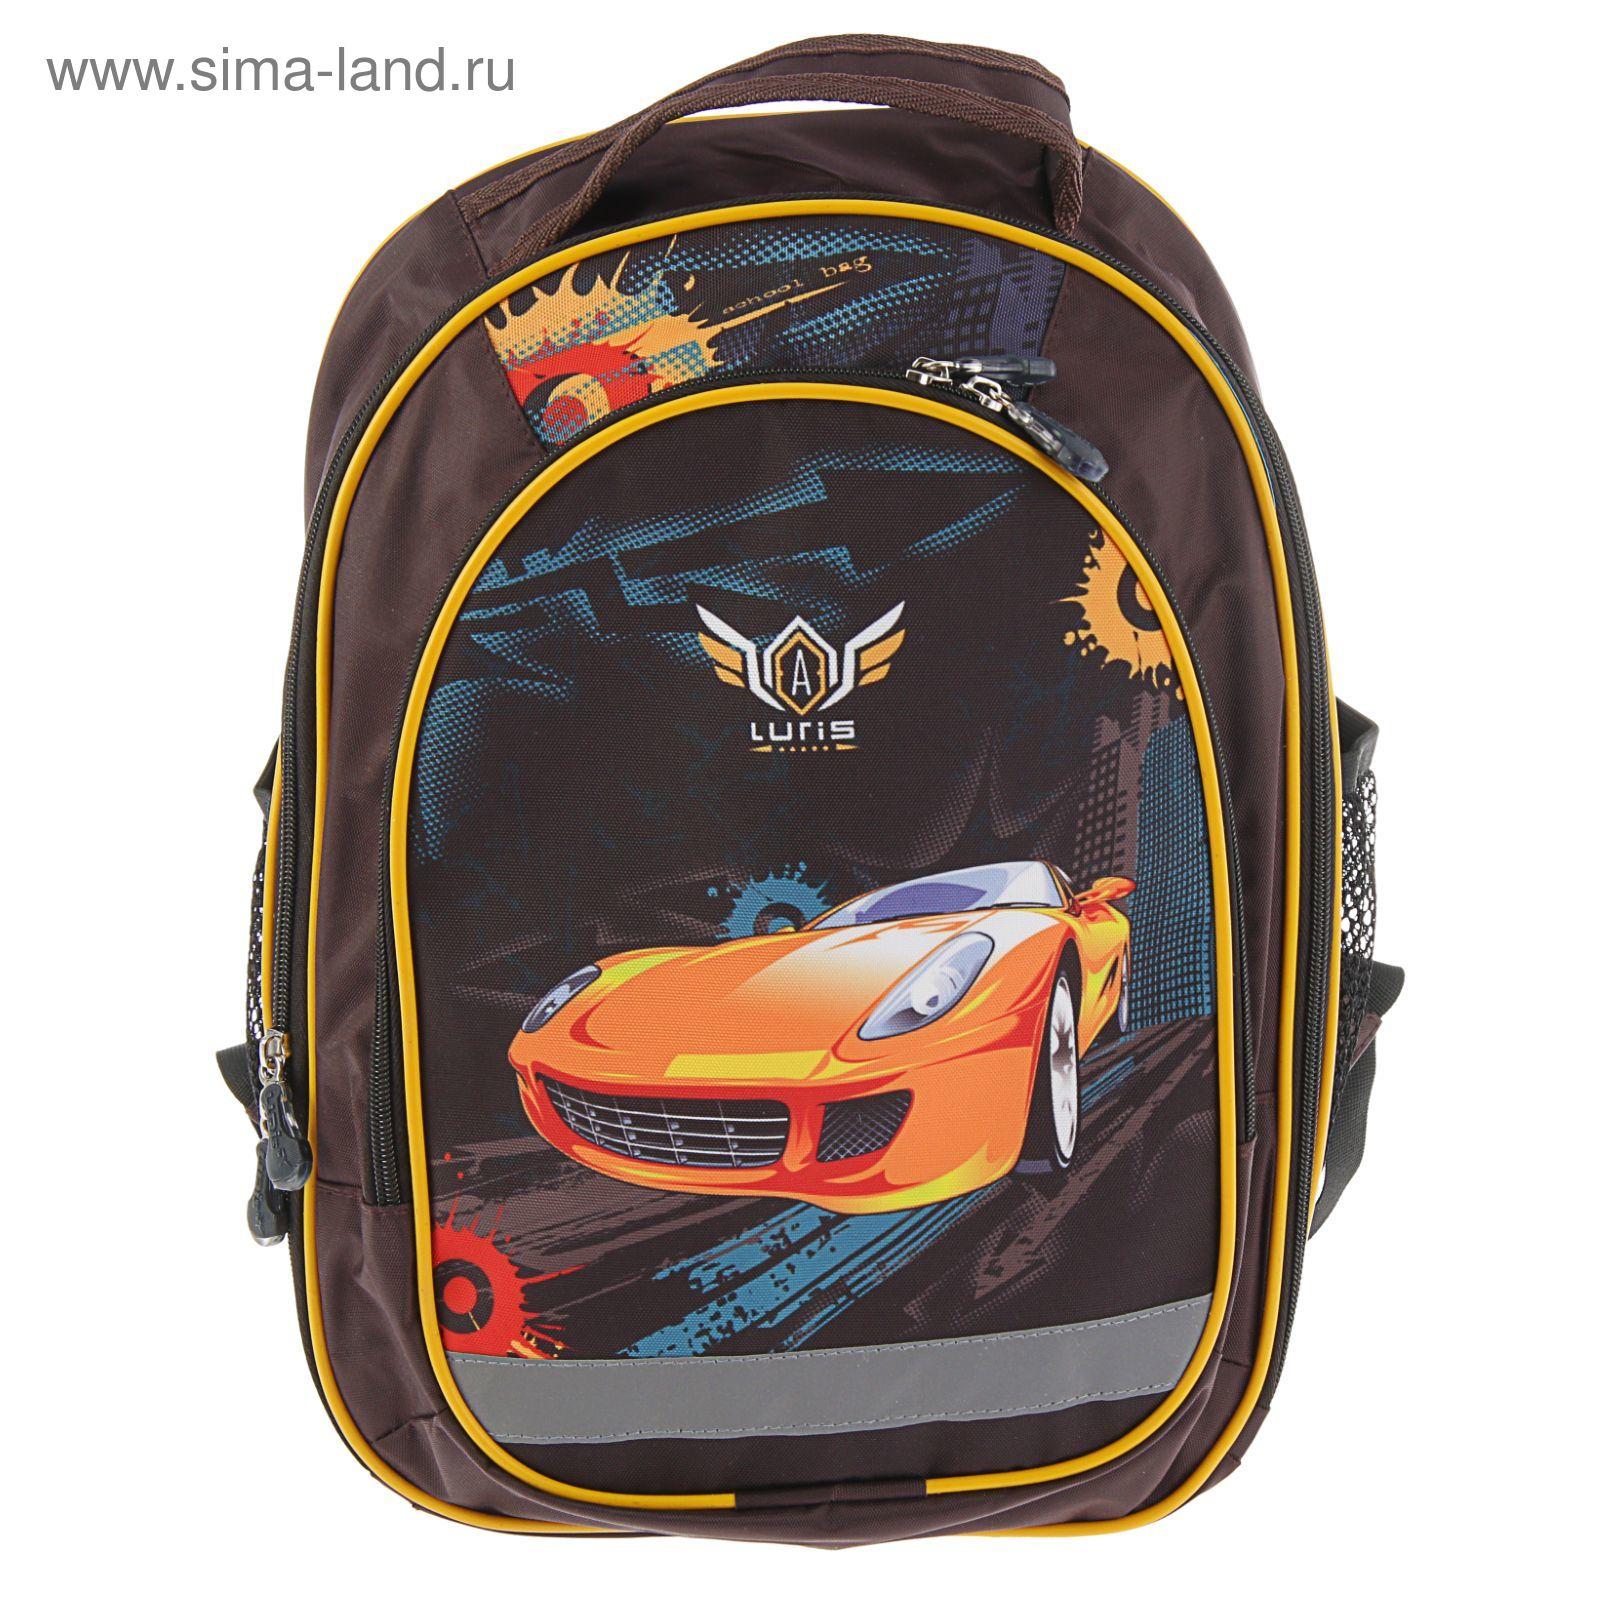 5dc32ac6d5a0 Рюкзак школьный эргономичная спинка для мальчика Luris 37*27*16 Бонус « Машина жёлтая